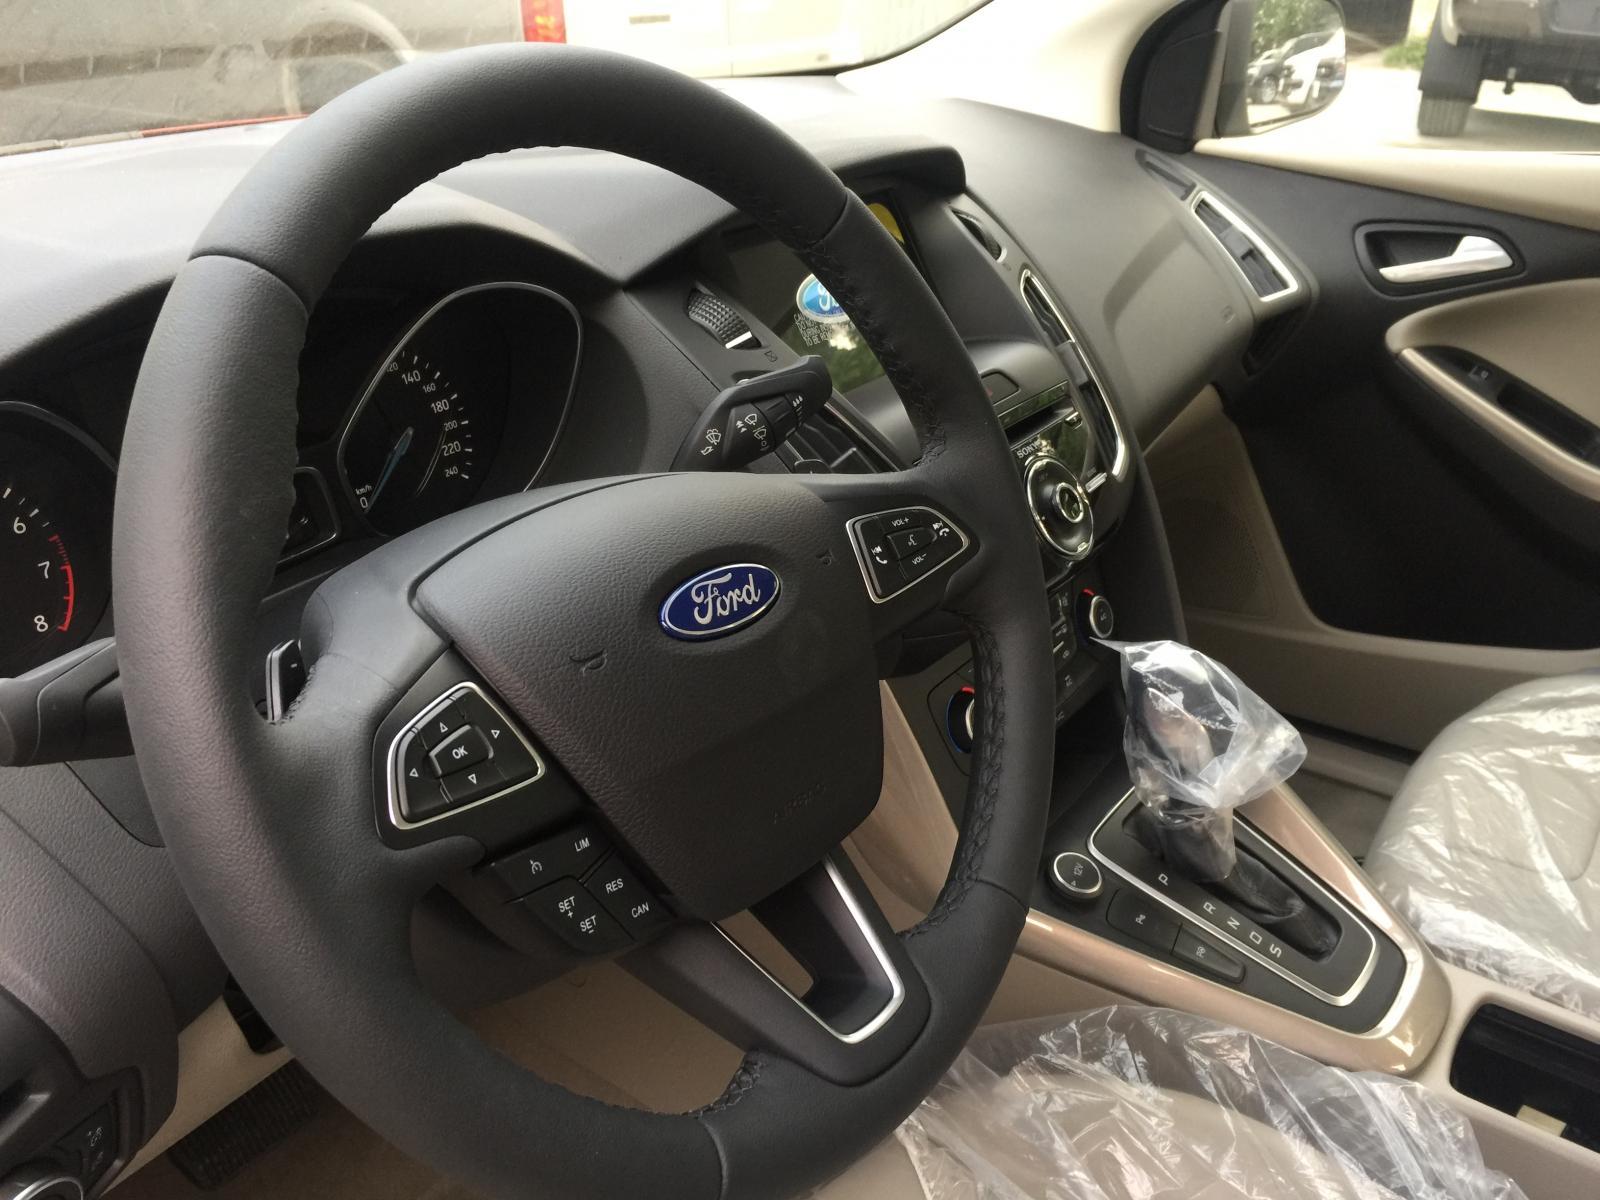 Ford Focus 1.5 Ecoboost Titanium 2019 màu trắng giao luôn, giá giảm còn 700 triệu